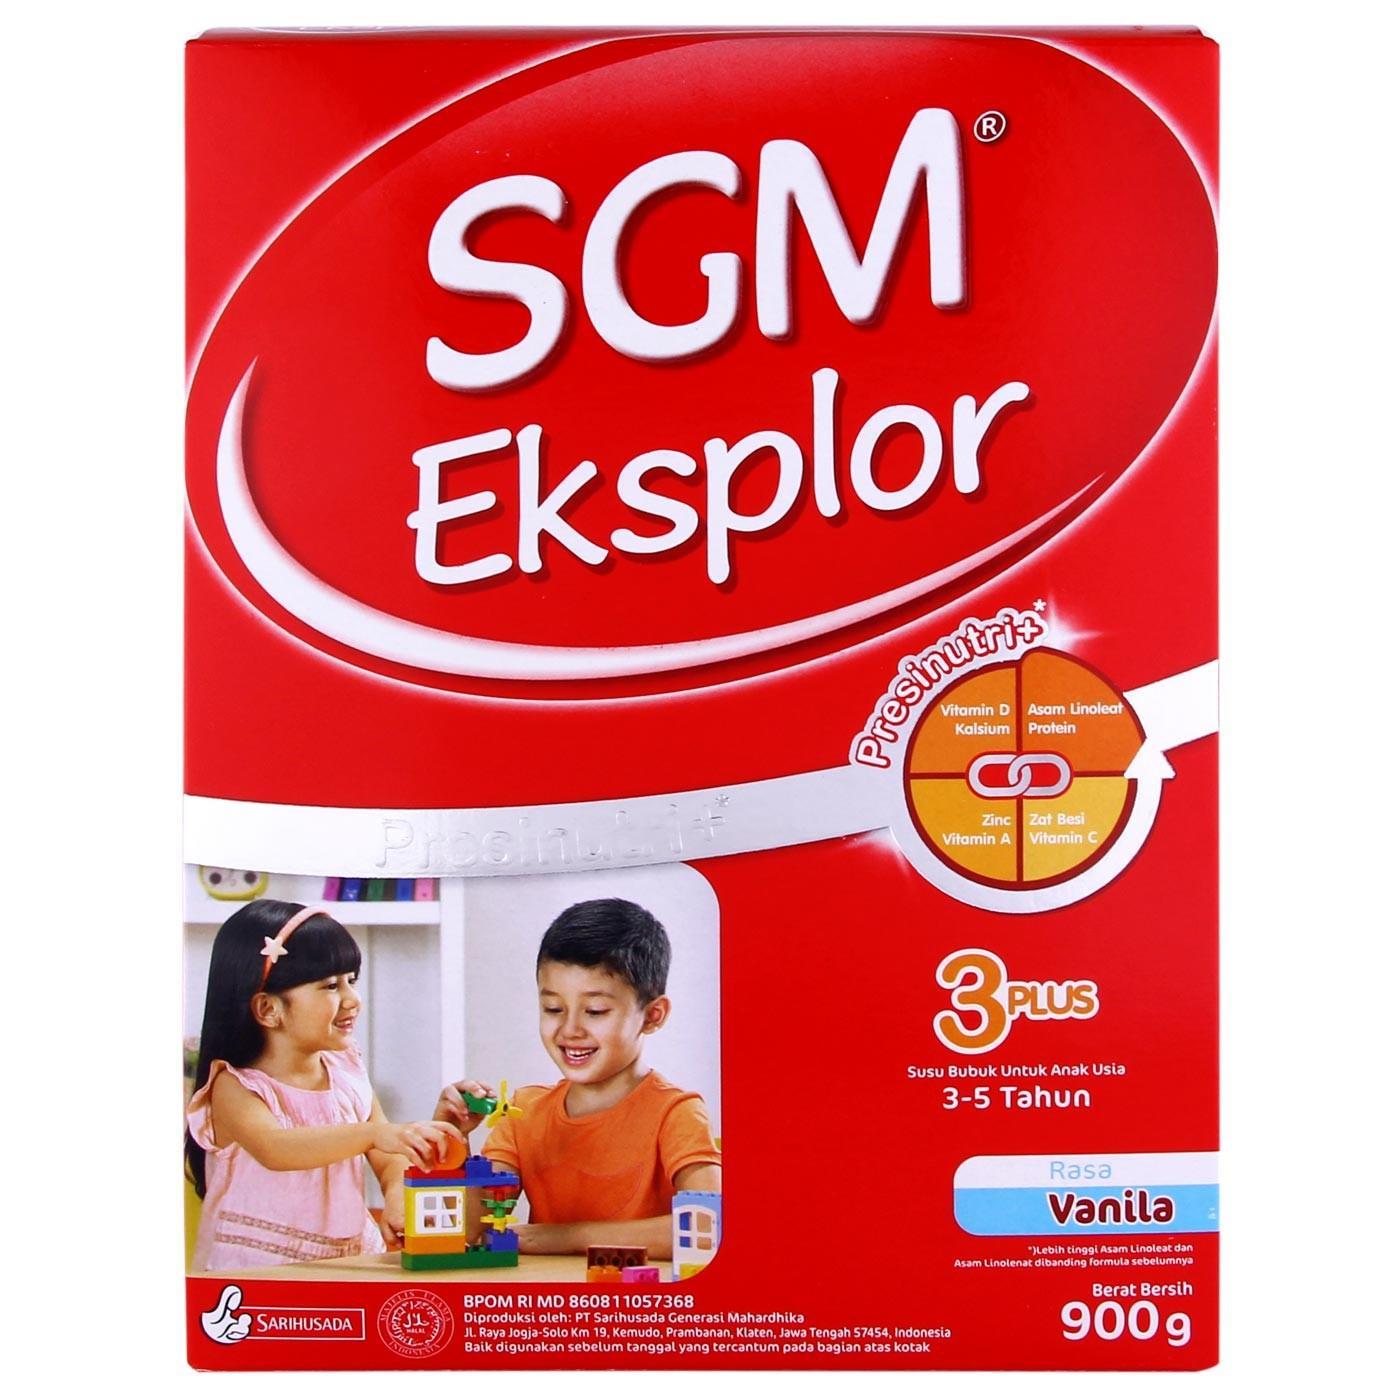 Sgm Eksplor 3+ Susu Pertumbuhan - Vanila - 900gr By Tokopopoksehati.